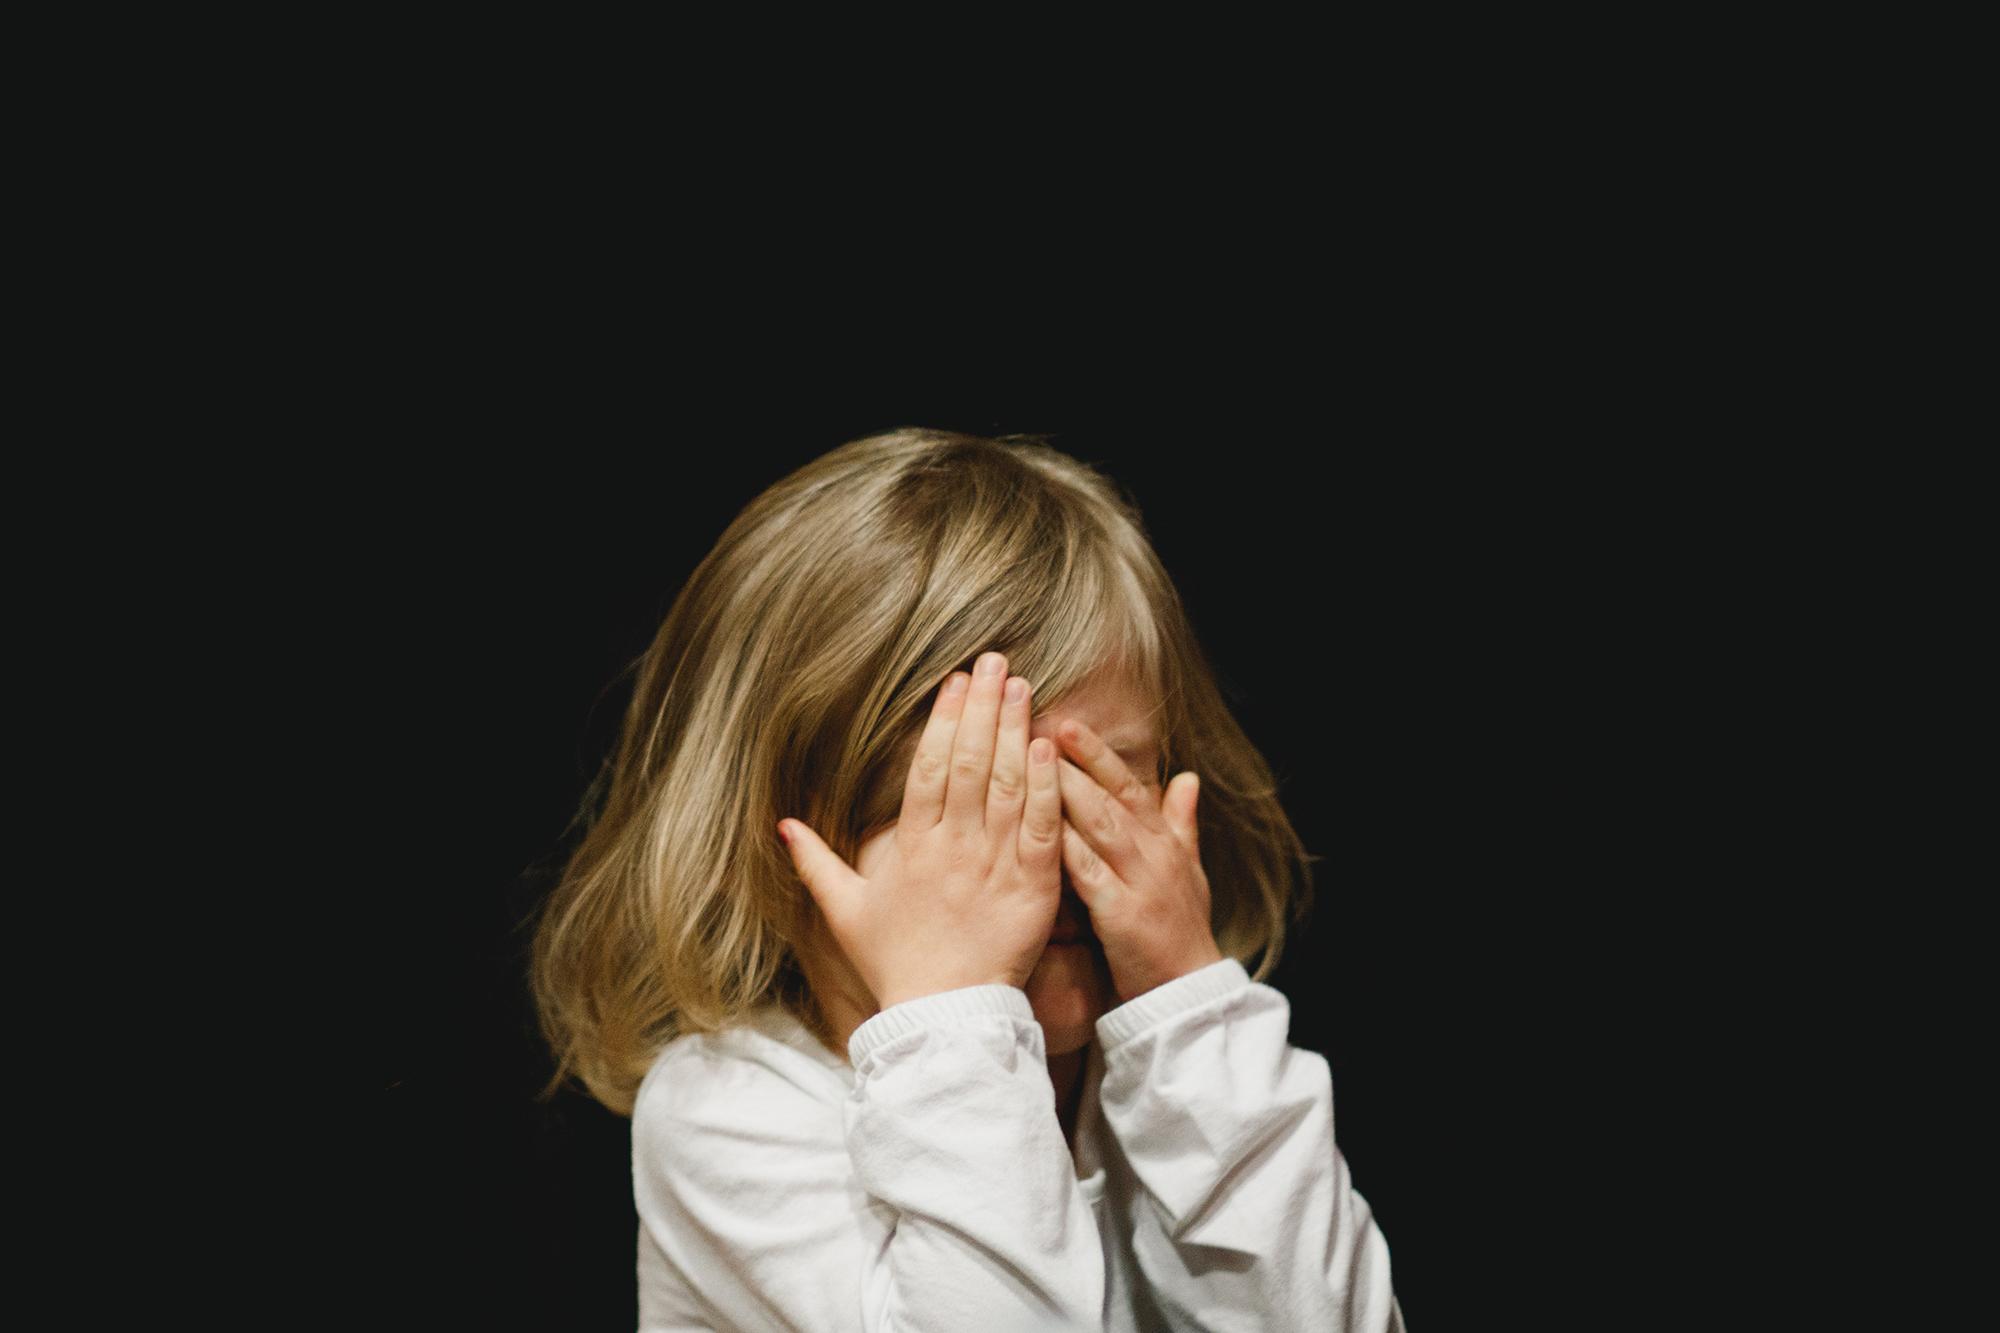 ashamed child